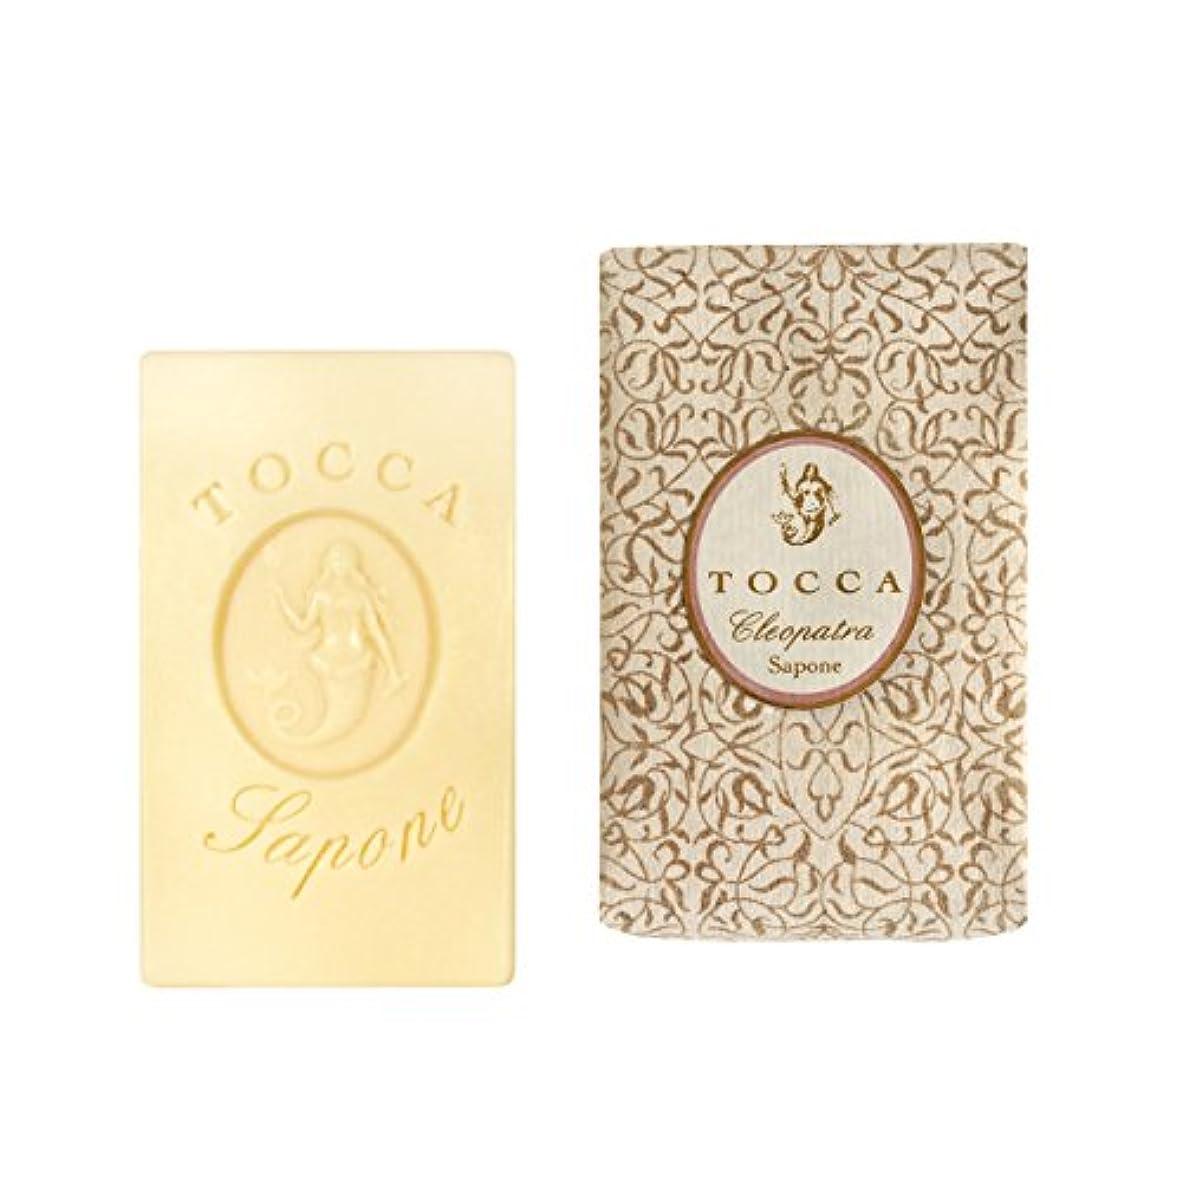 誘発する行動支援トッカ(TOCCA) ソープバー クレオパトラの香り 113g(石けん 化粧石けん グレープフルーツとキューカンバーのフレッシュでクリーンな香り)